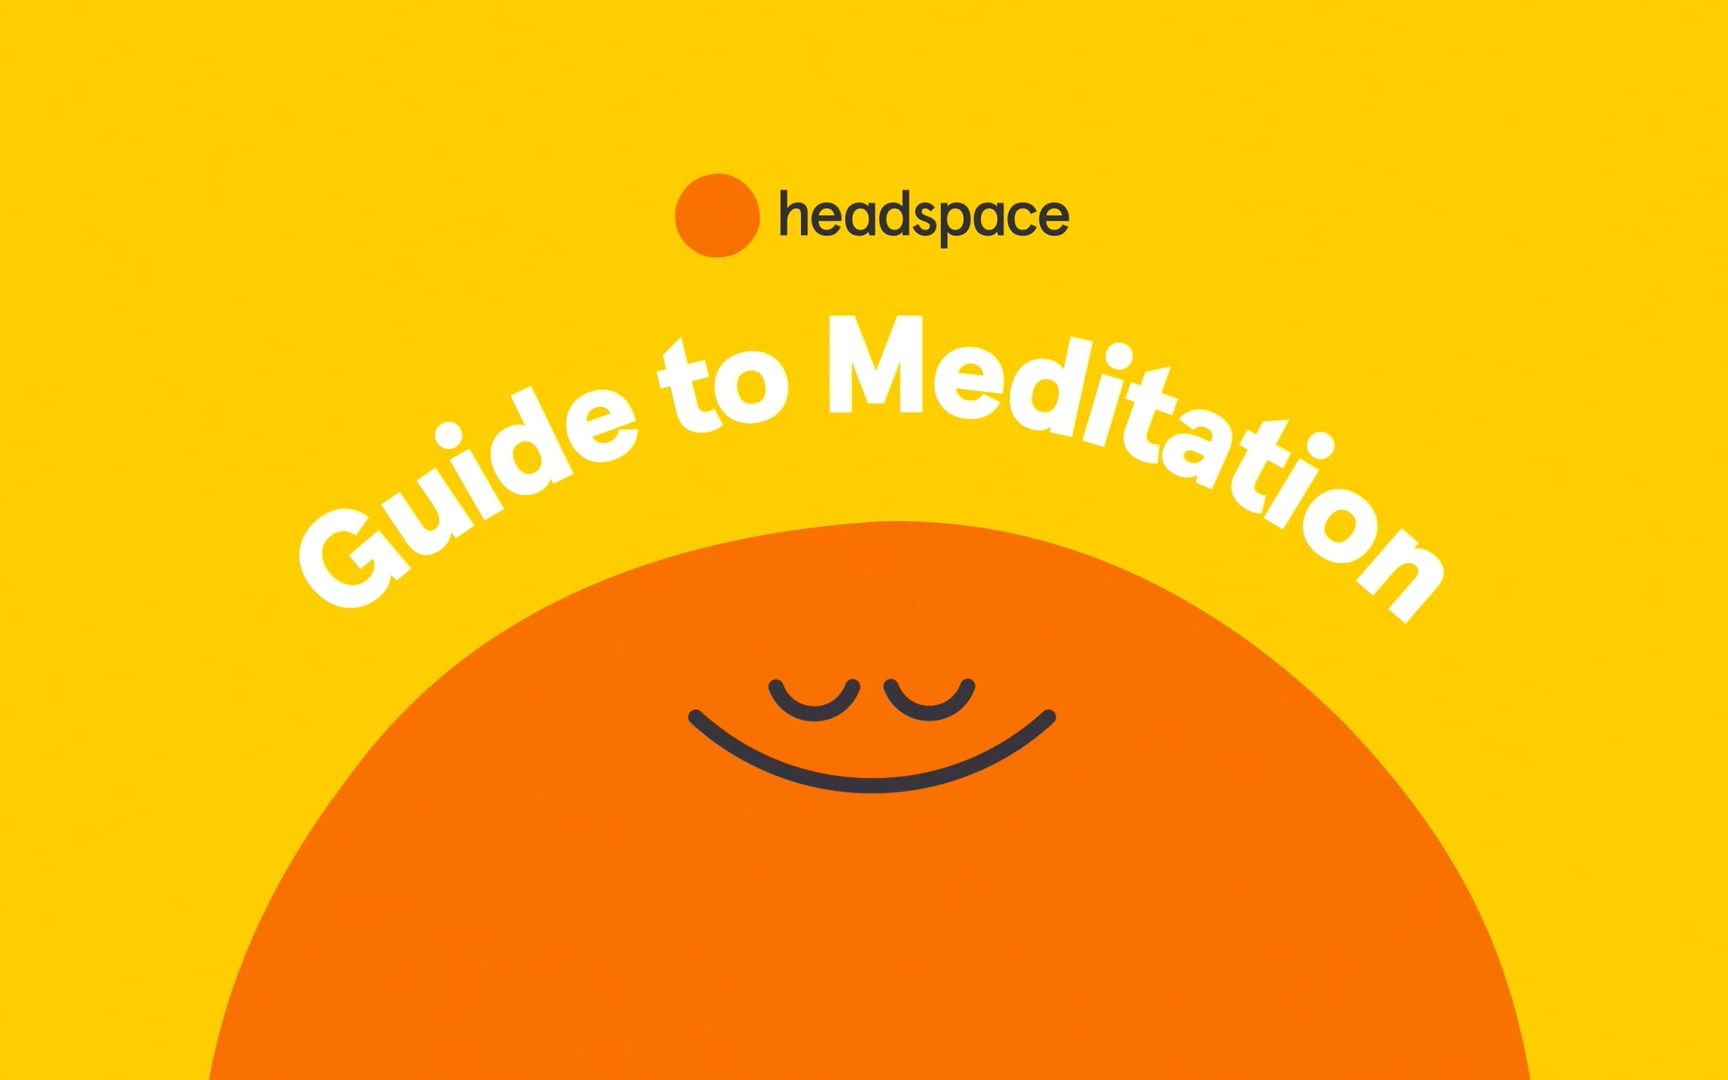 冥想正念附錄 Appendix to Meditation 中文語音(六):如何應對傷痛